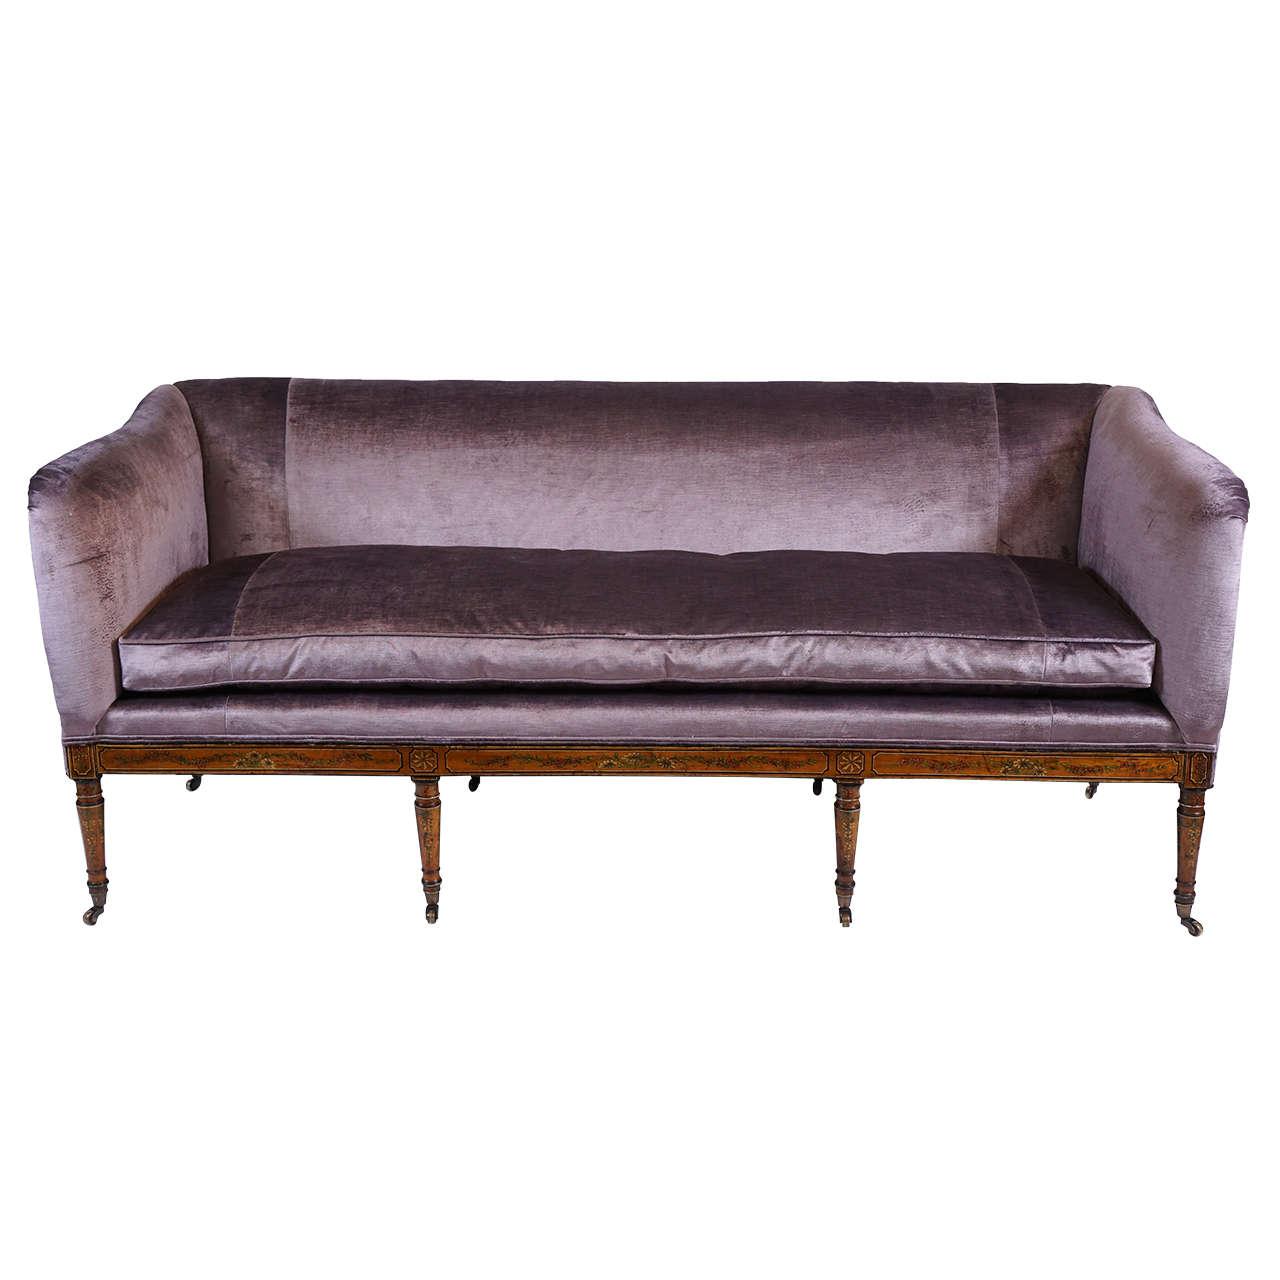 Rare George III Sheraton Style Satinwood Sofa, England, circa 1795